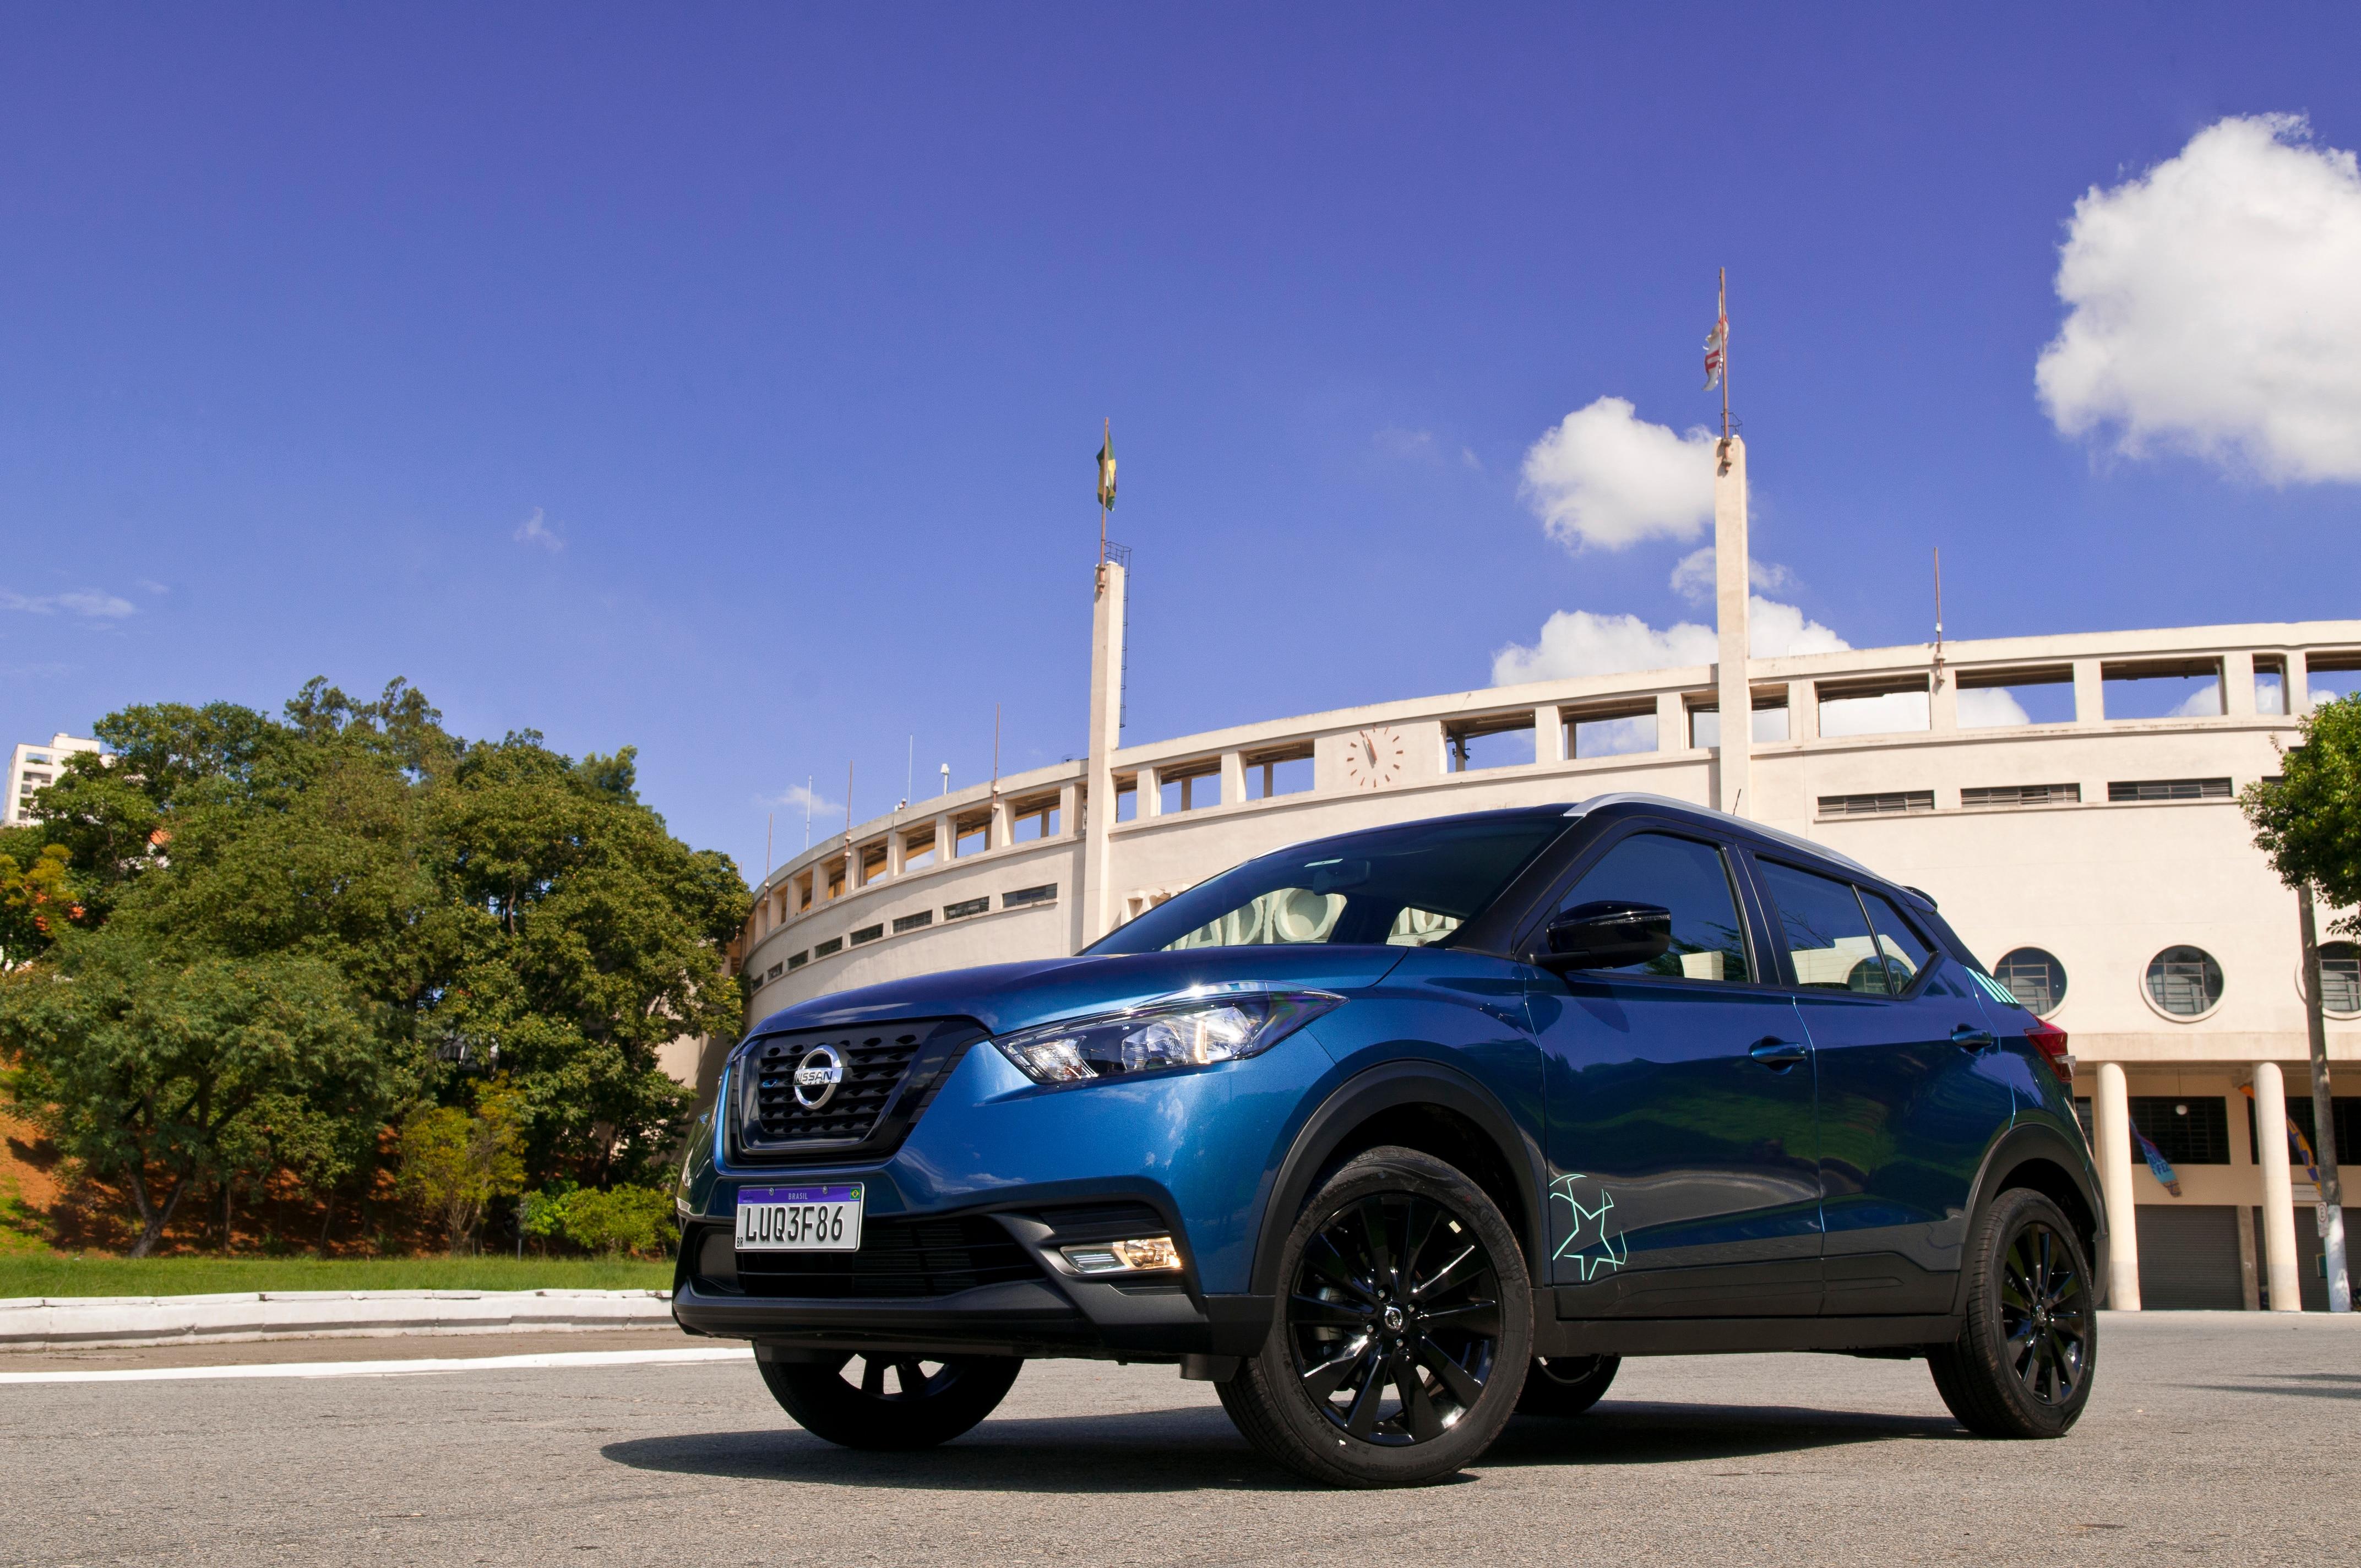 Nissan Kicks Uefa Champions League Retorna Por R 99 490 Jornal Do Carro Estadao